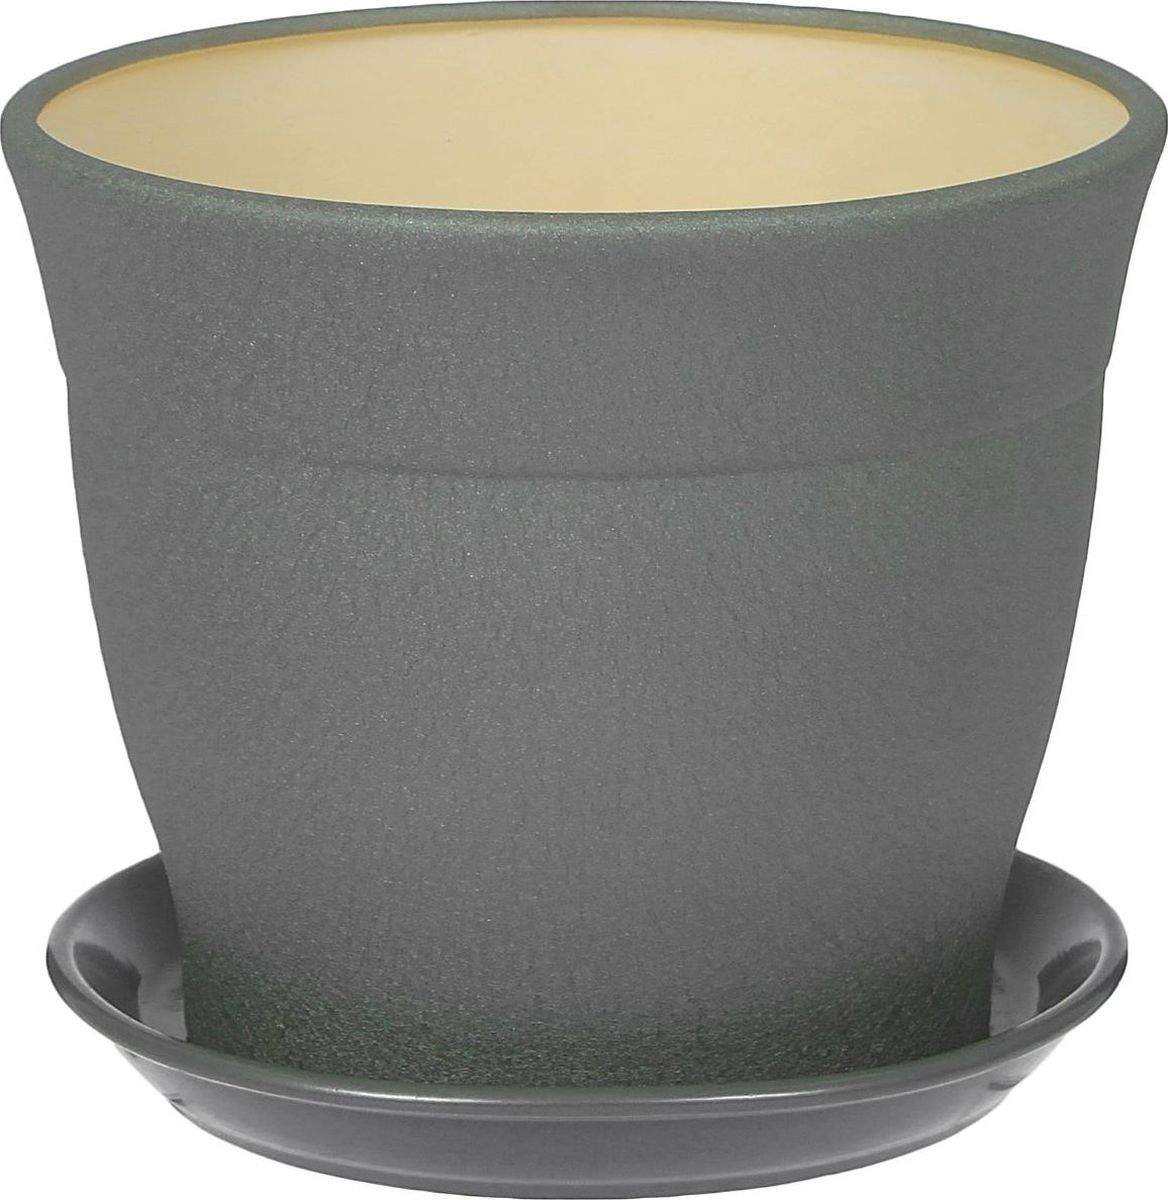 Кашпо Керамика ручной работы Флорис, цвет: серебристый, 5,5 л1309282Комнатные растения — всеобщие любимцы. Они радуют глаз, насыщают помещение кислородом и украшают пространство. Каждому из них необходим свой удобный и красивый дом. Кашпо из керамики прекрасно подходят для высадки растений: за счёт пластичности глины и разных способов обработки существует великое множество форм и дизайновпористый материал позволяет испаряться лишней влагевоздух, необходимый для дыхания корней, проникает сквозь керамические стенки! #name# позаботится о зелёном питомце, освежит интерьер и подчеркнёт его стиль.